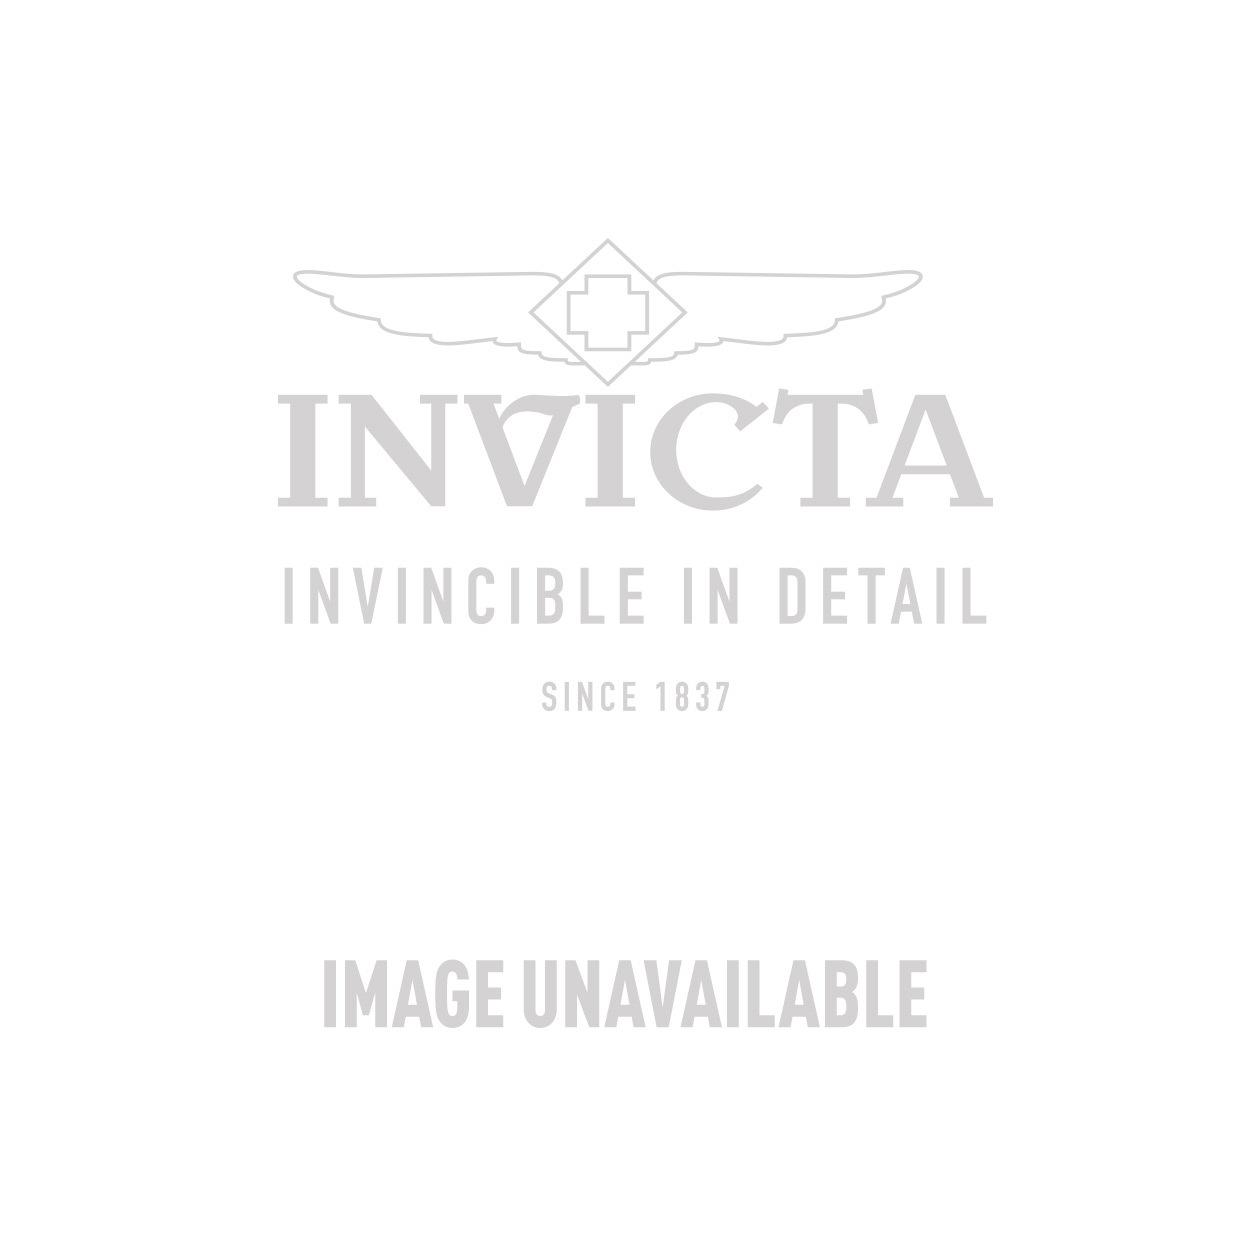 Invicta Model 22071